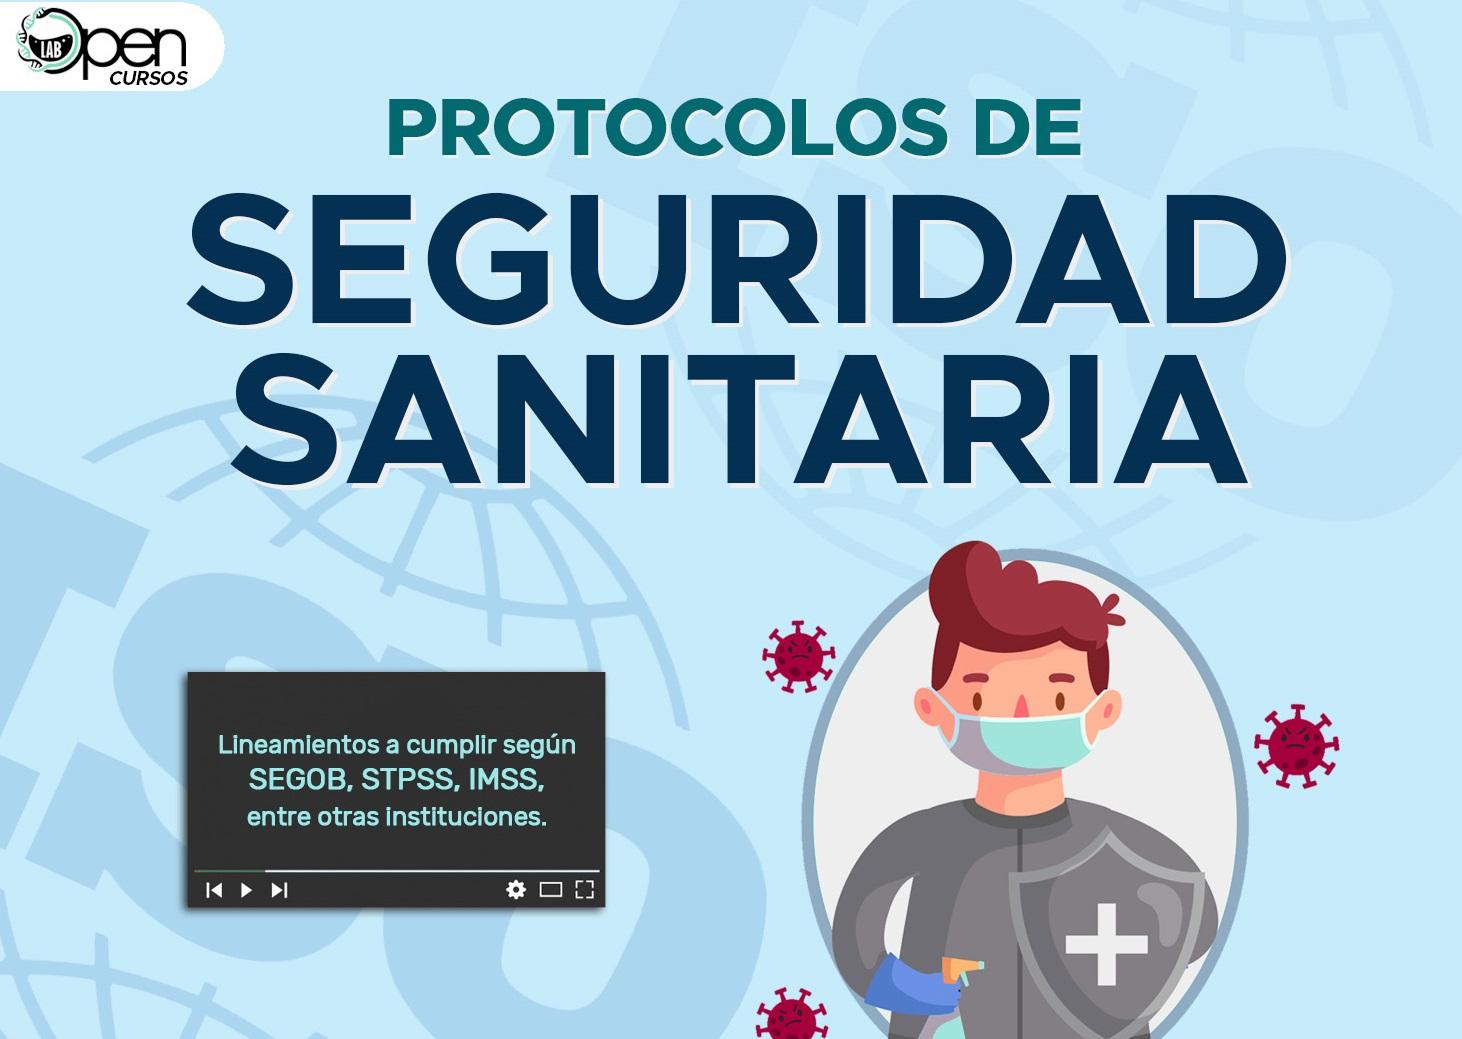 Protocolos de Seguridad Sanitaria